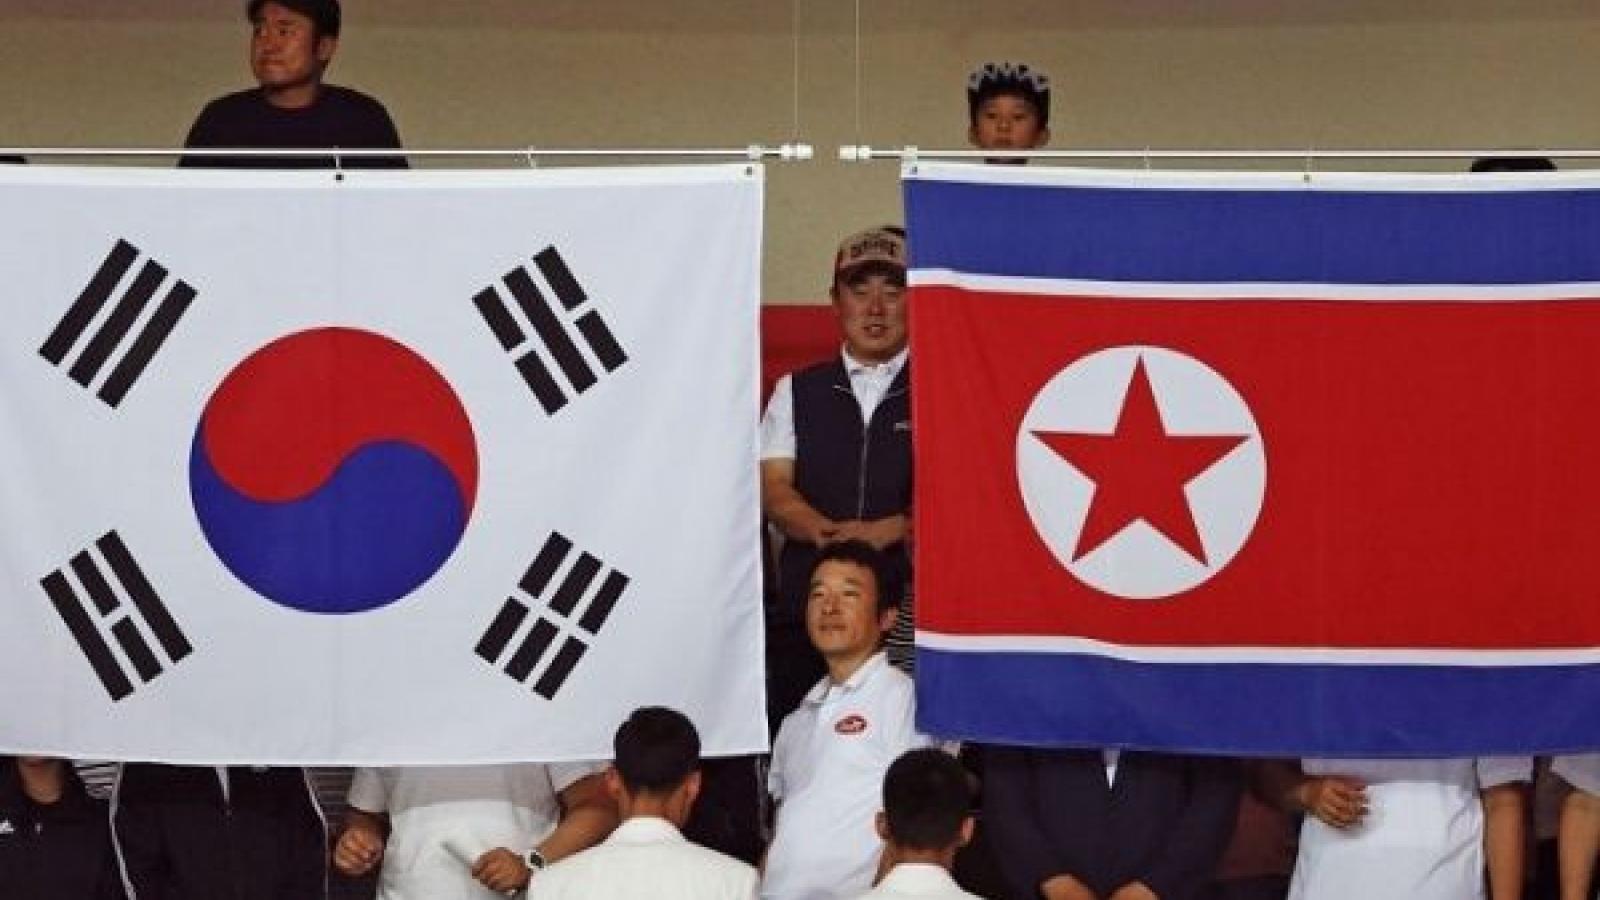 Hàn Quốc phản ứng trước kết luận của LHQ về vụ đấu súng Hàn-Triều